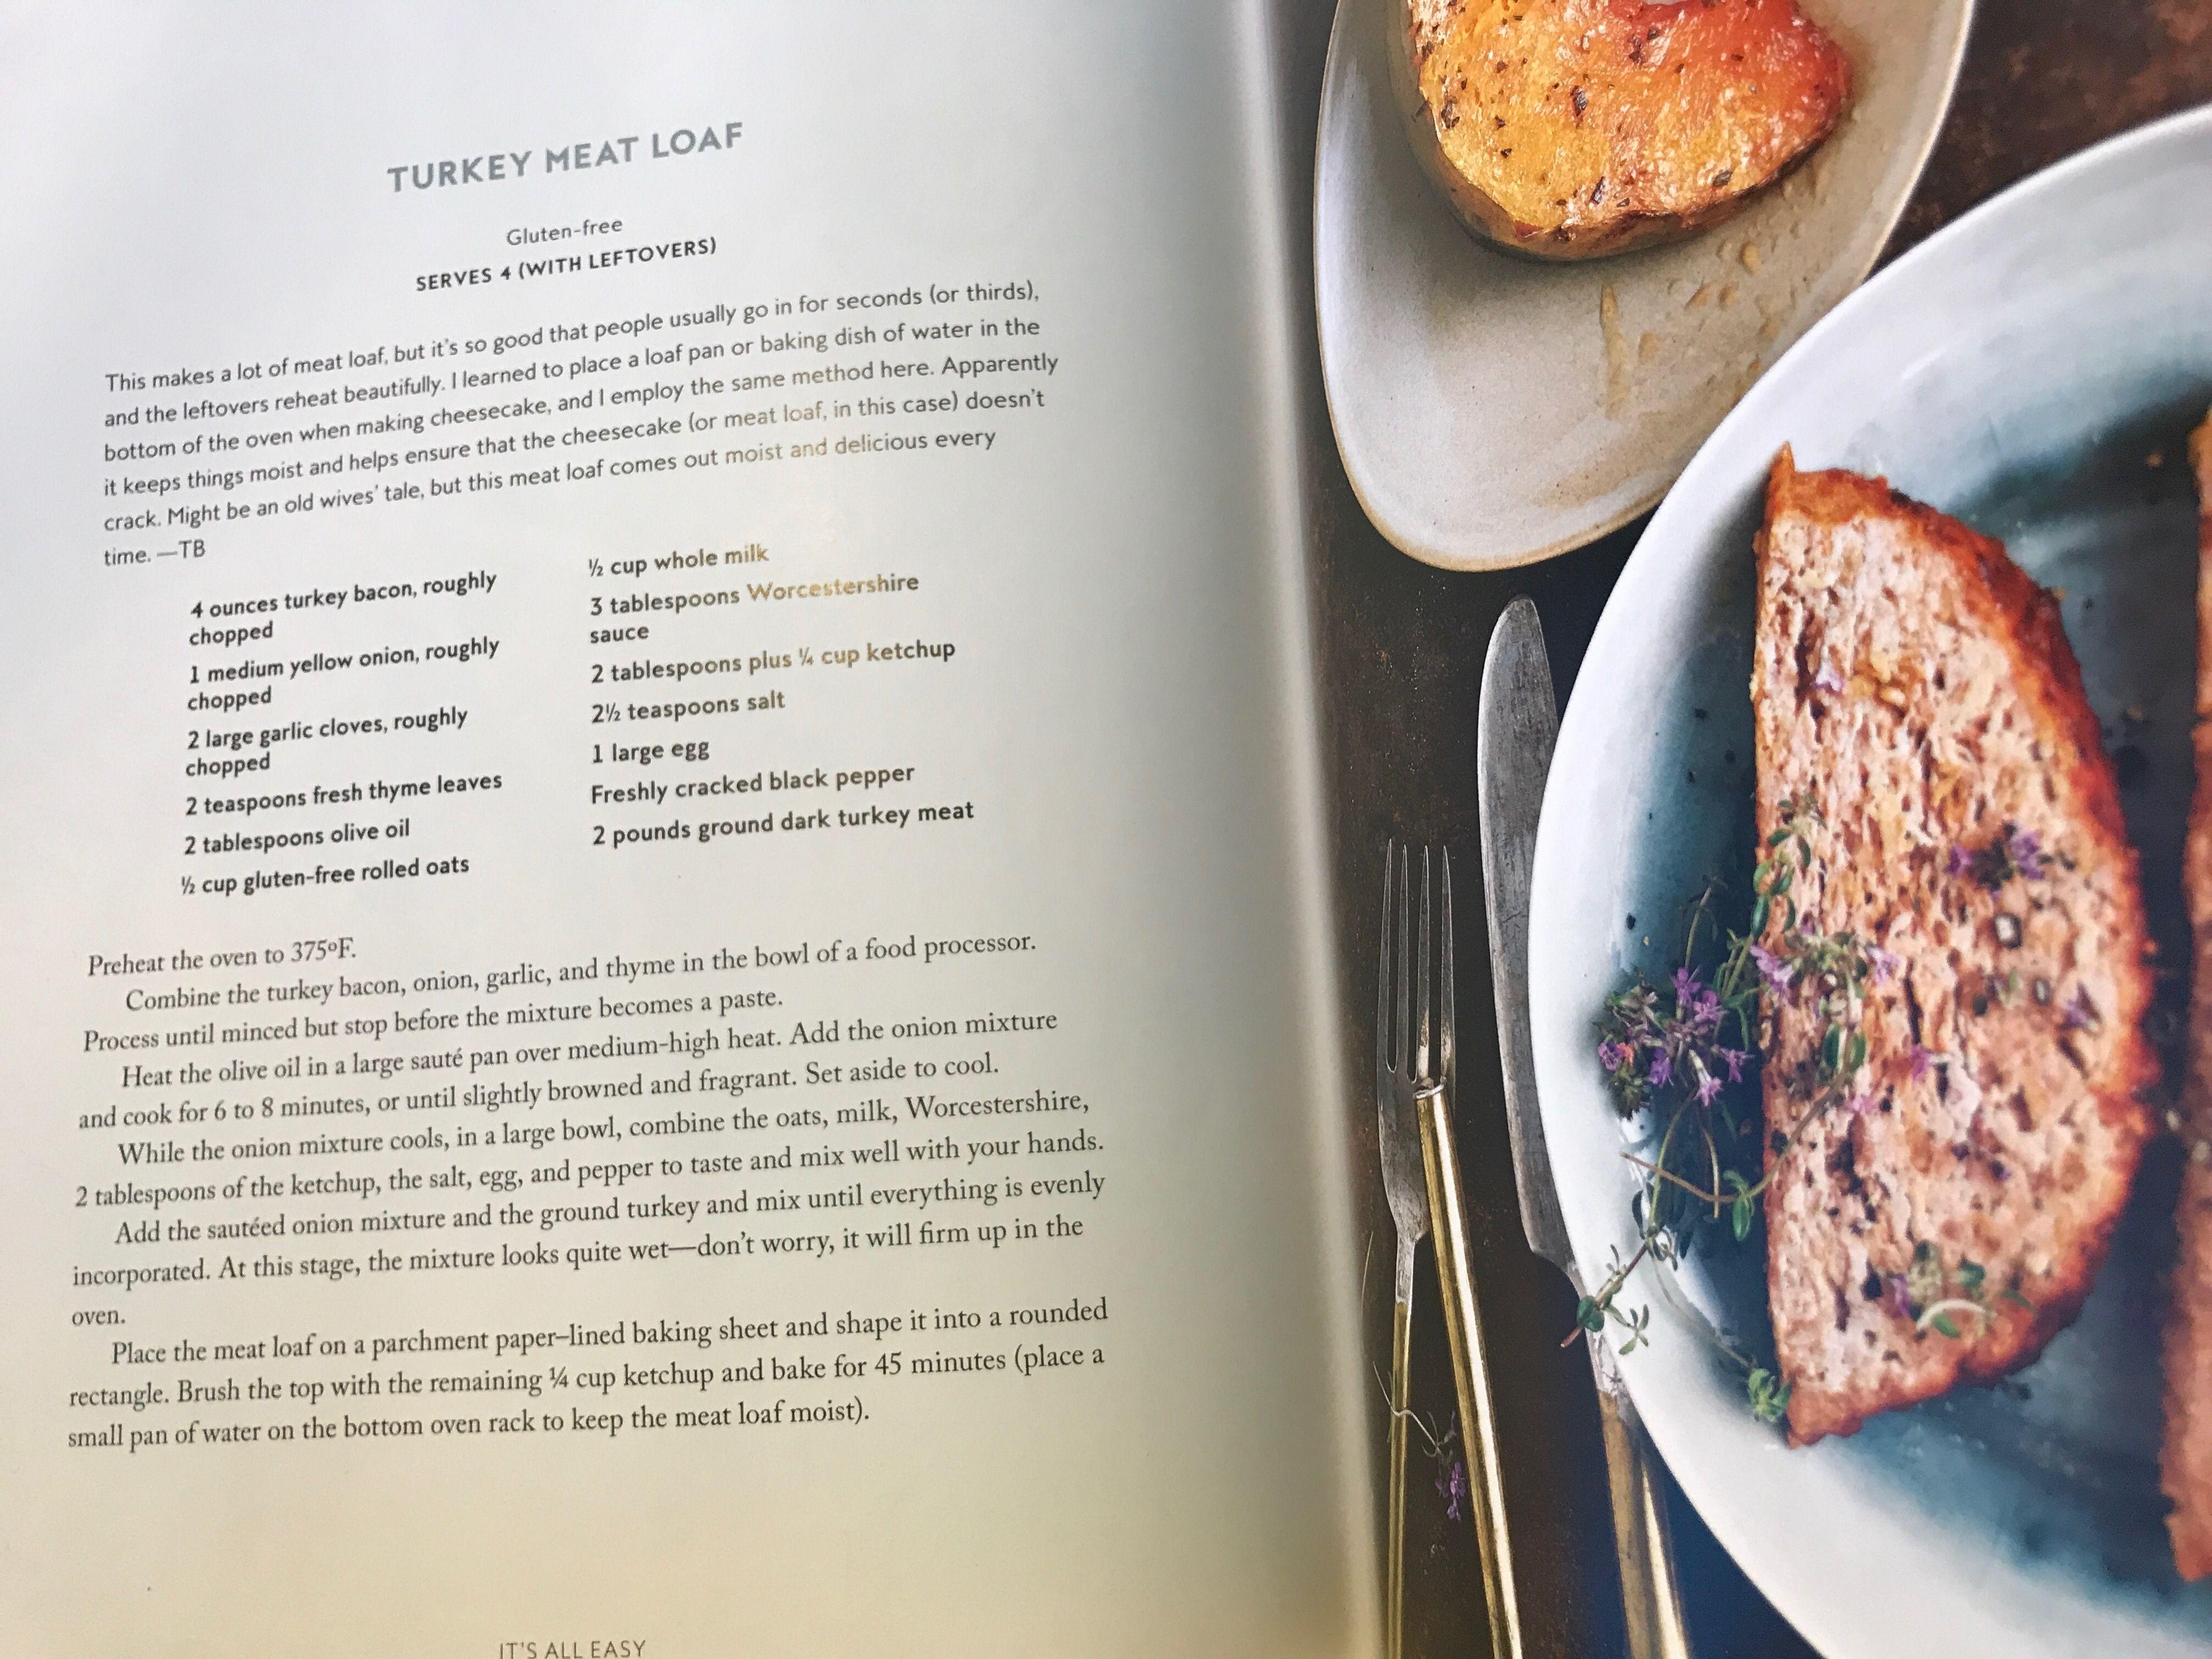 Turkey Meatloaf By Gwyneth Paltrow Via Its All Easy Turkey Meatloaf Main Dish Recipes Food